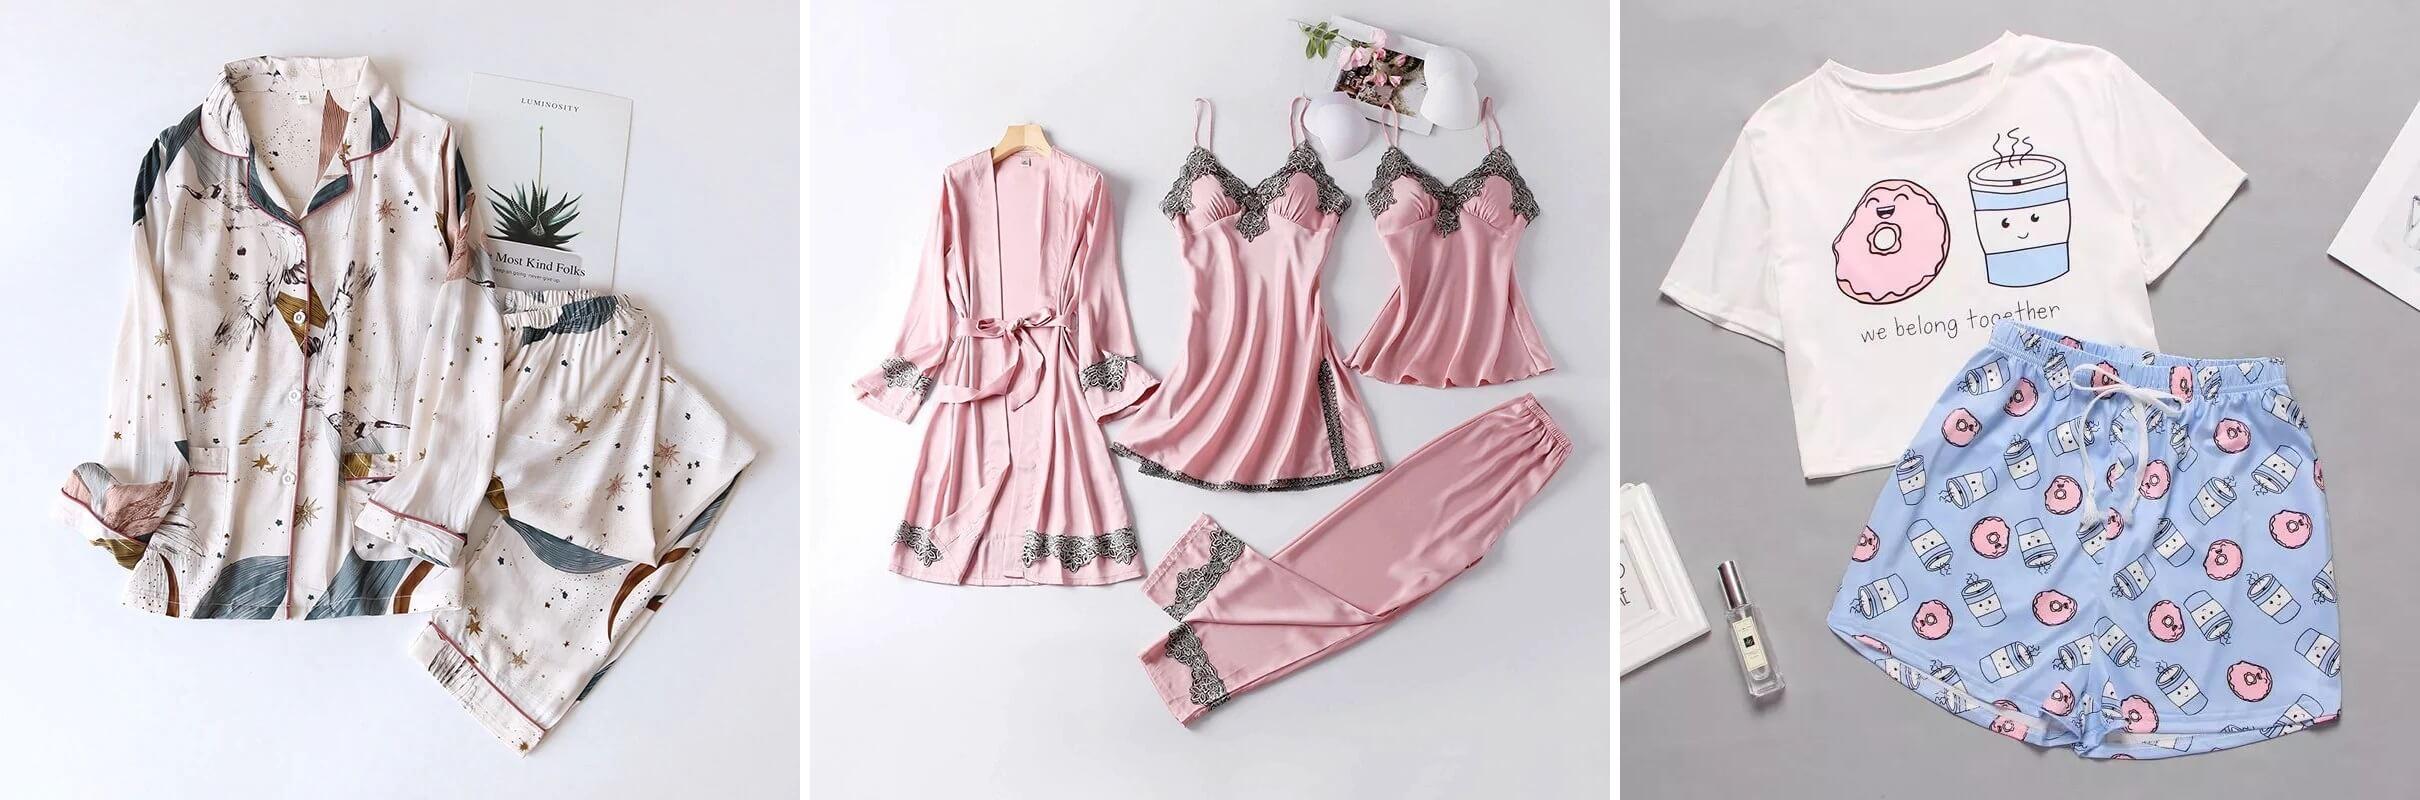 ТОП-10 женских пижам с Алиэкспресс